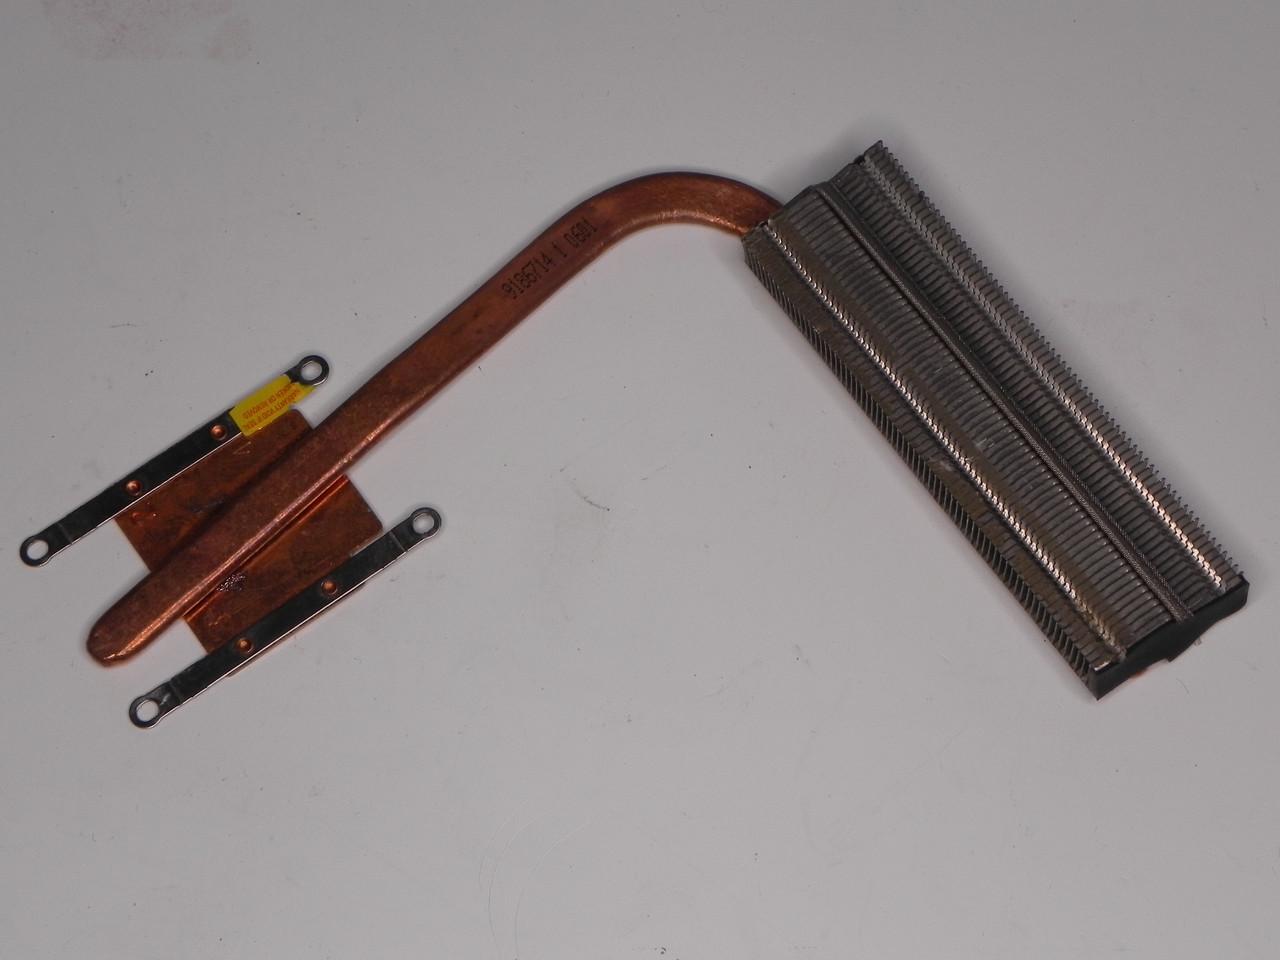 Радиатор Система Охлаждение Asus X5DAF, K50AF, K50AB бу